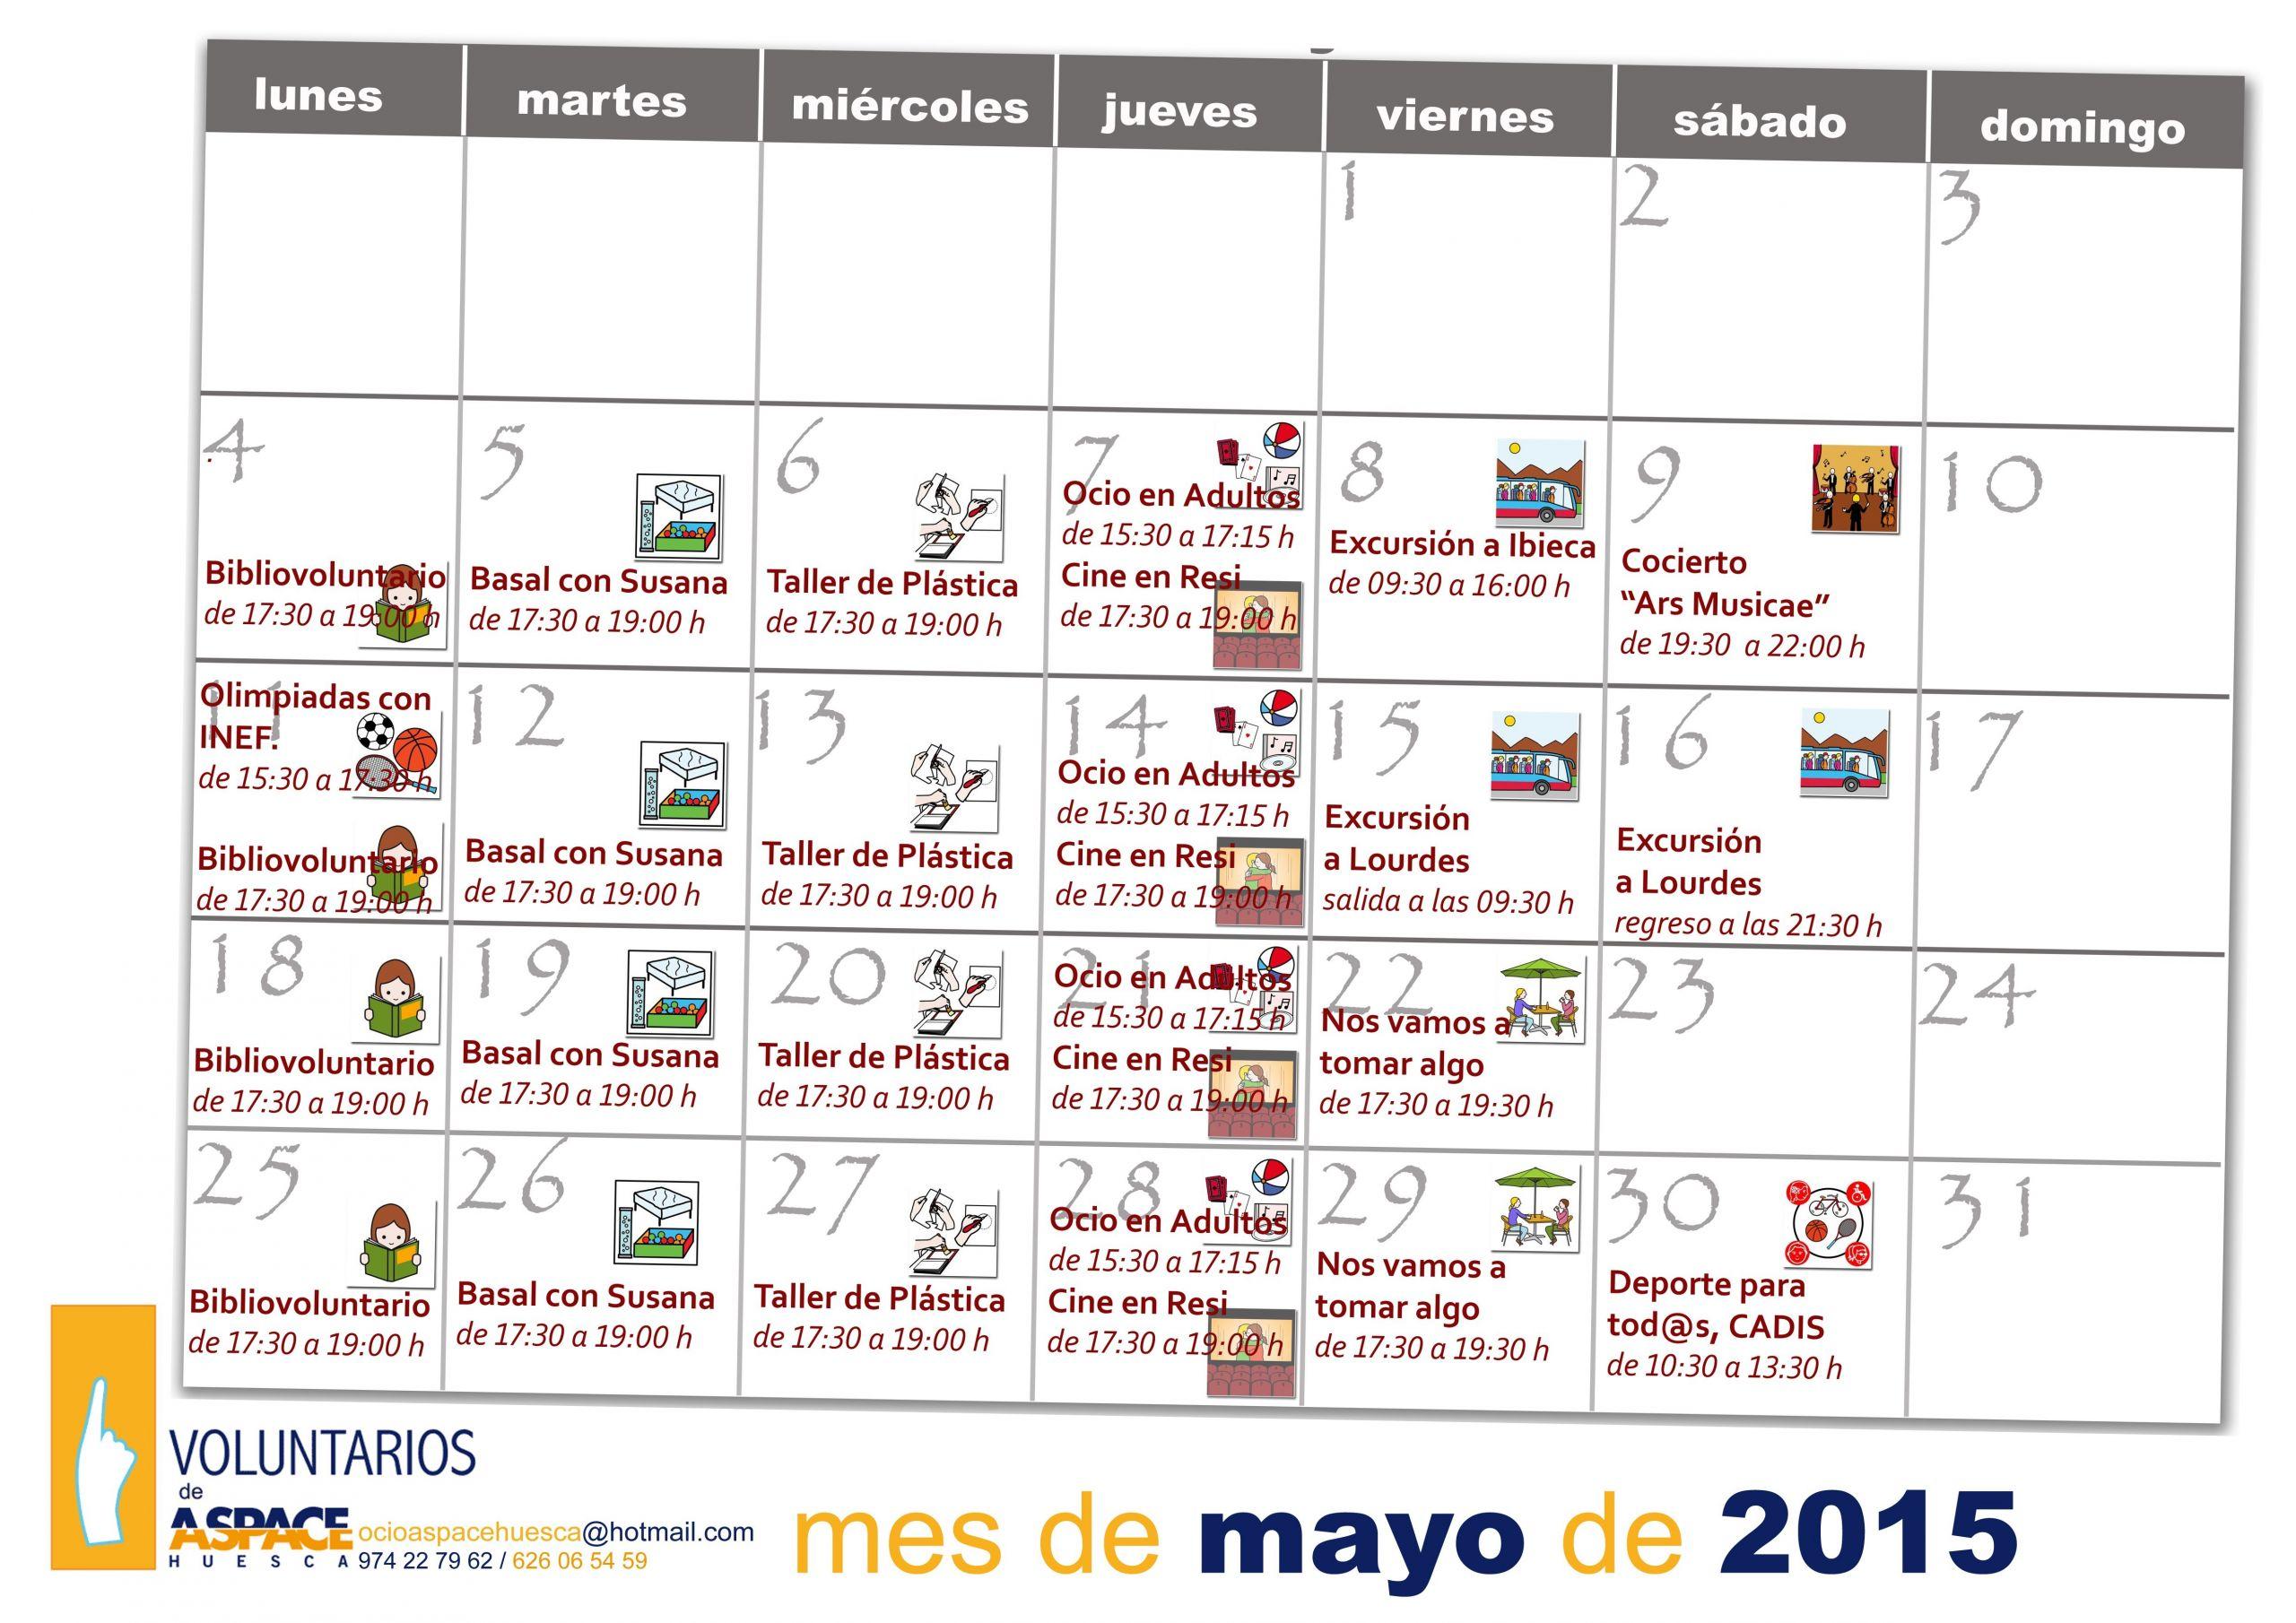 calendario laboral 2020 catalunya ccoo mas reciente mayo calendario of calendario laboral 2020 catalunya ccoo